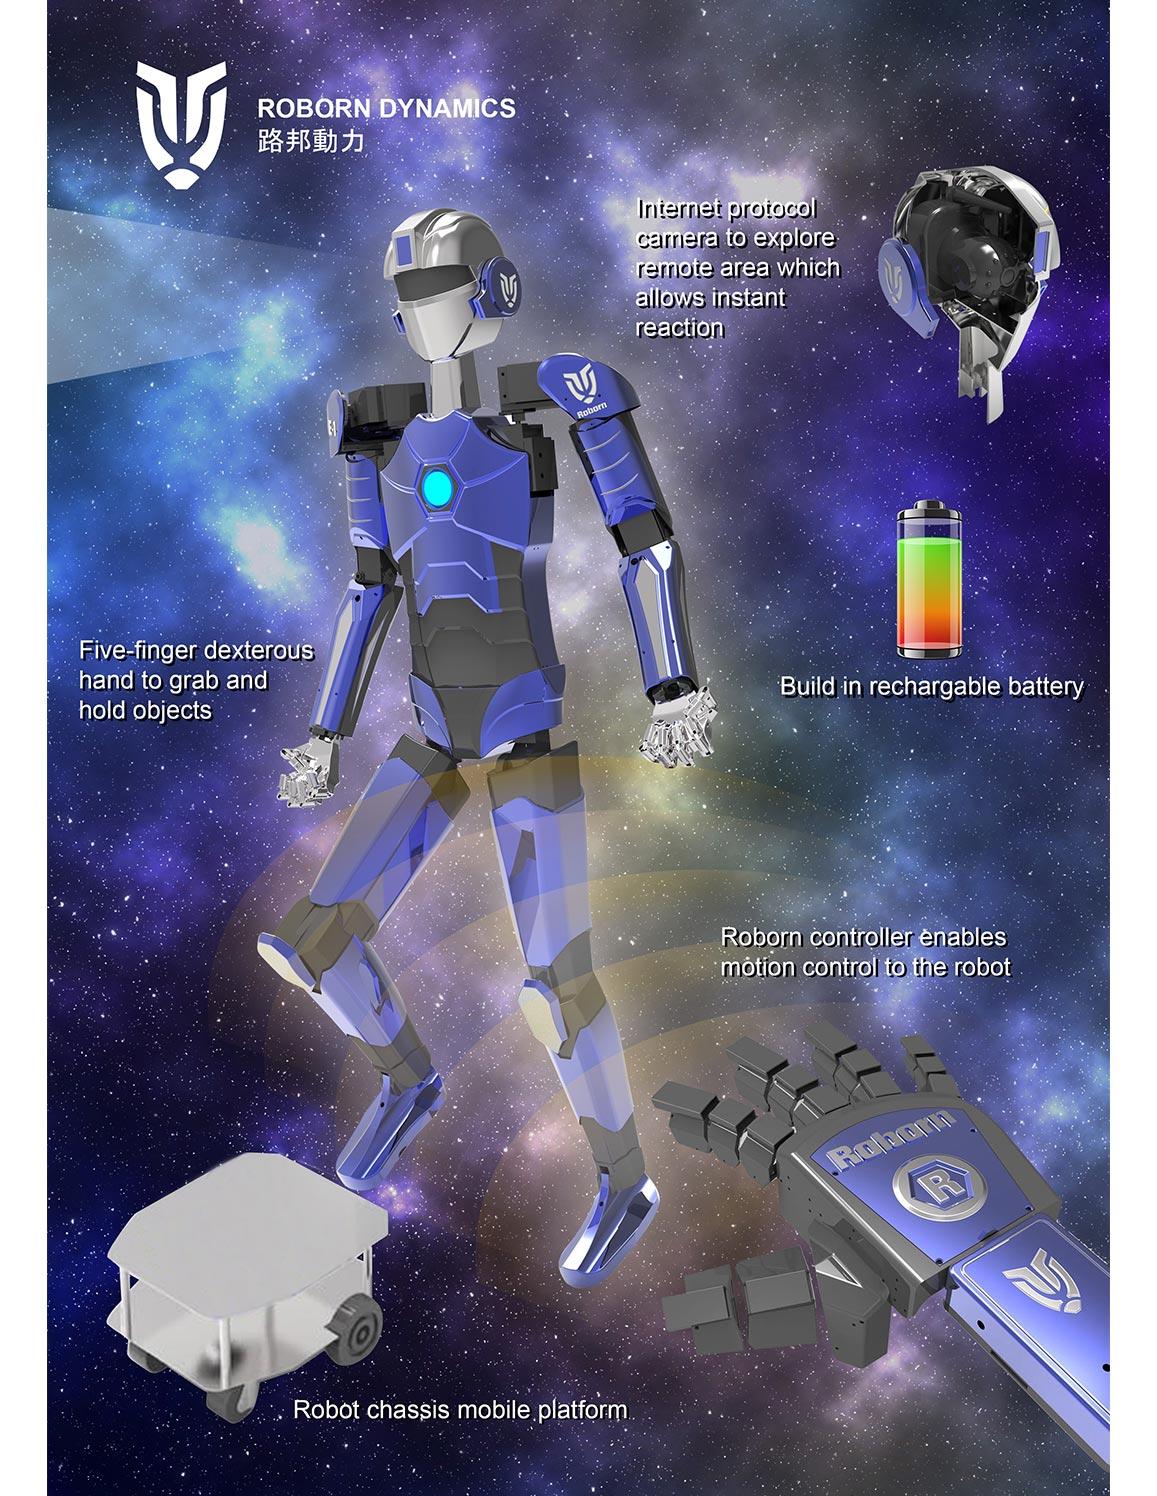 robot-new-0413